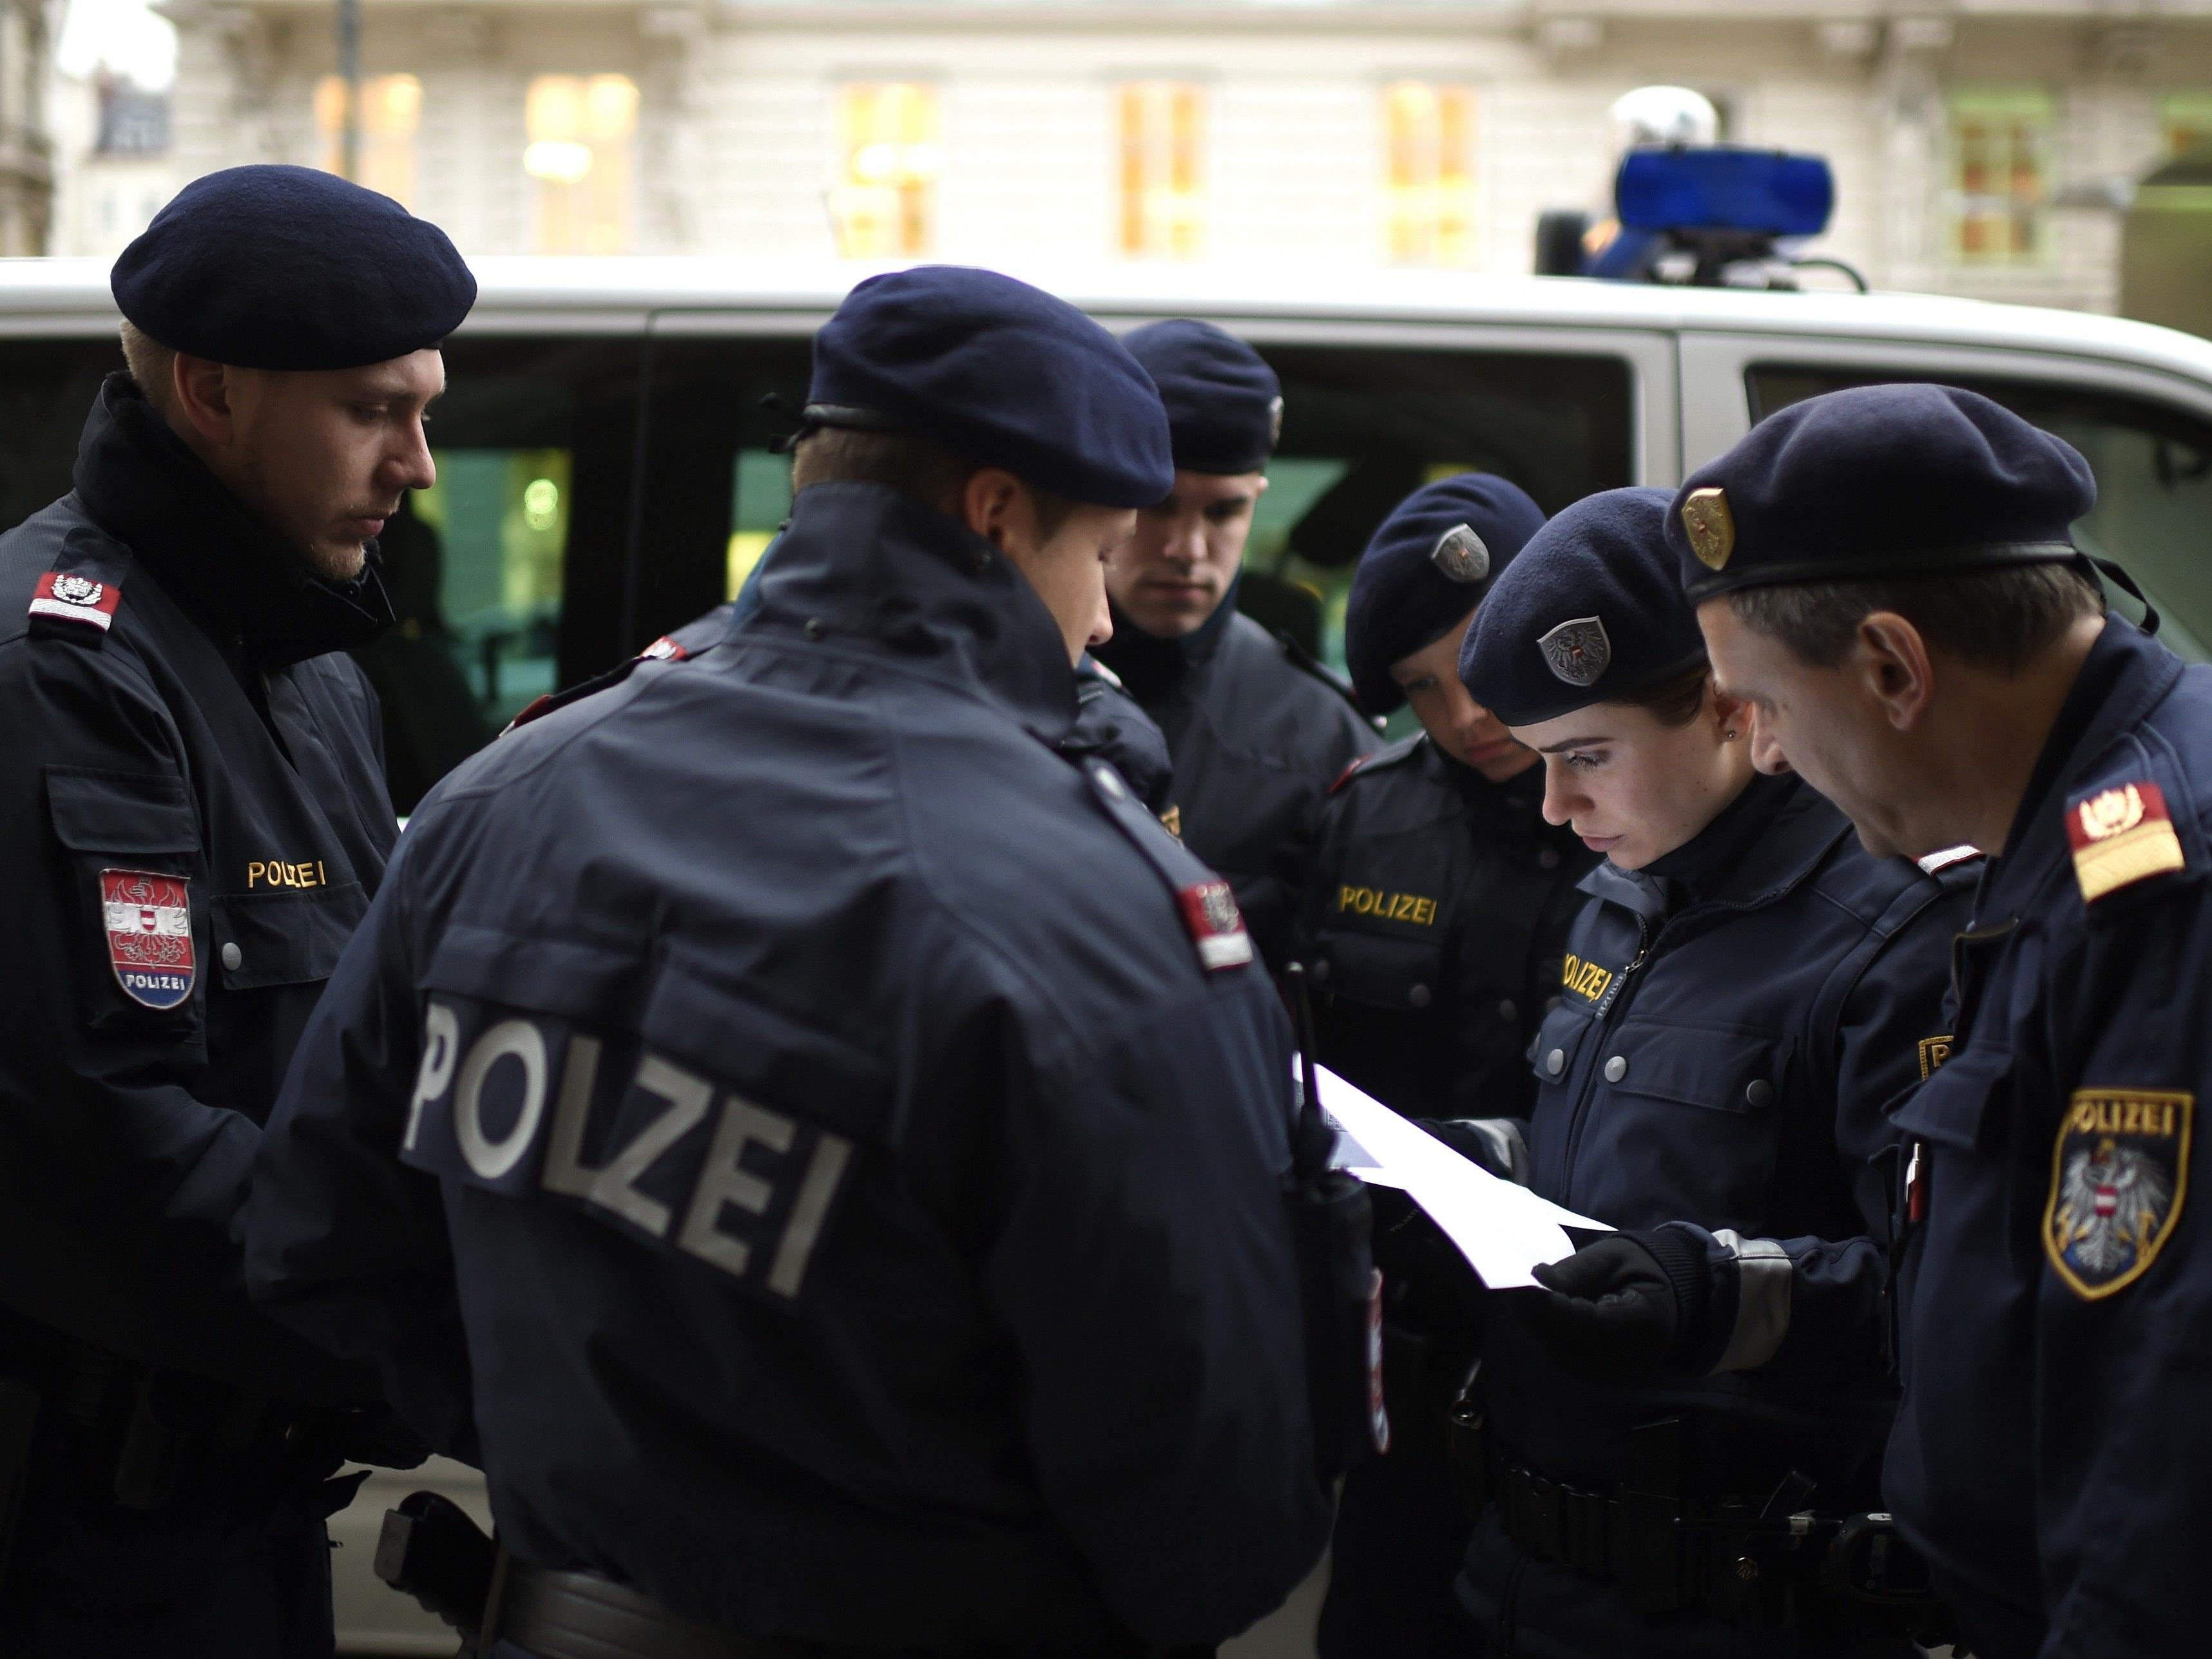 Mehrere Personen wurden in Ottakring bei einer Schwerpunktaktion angezeigt bzw. verhaftet